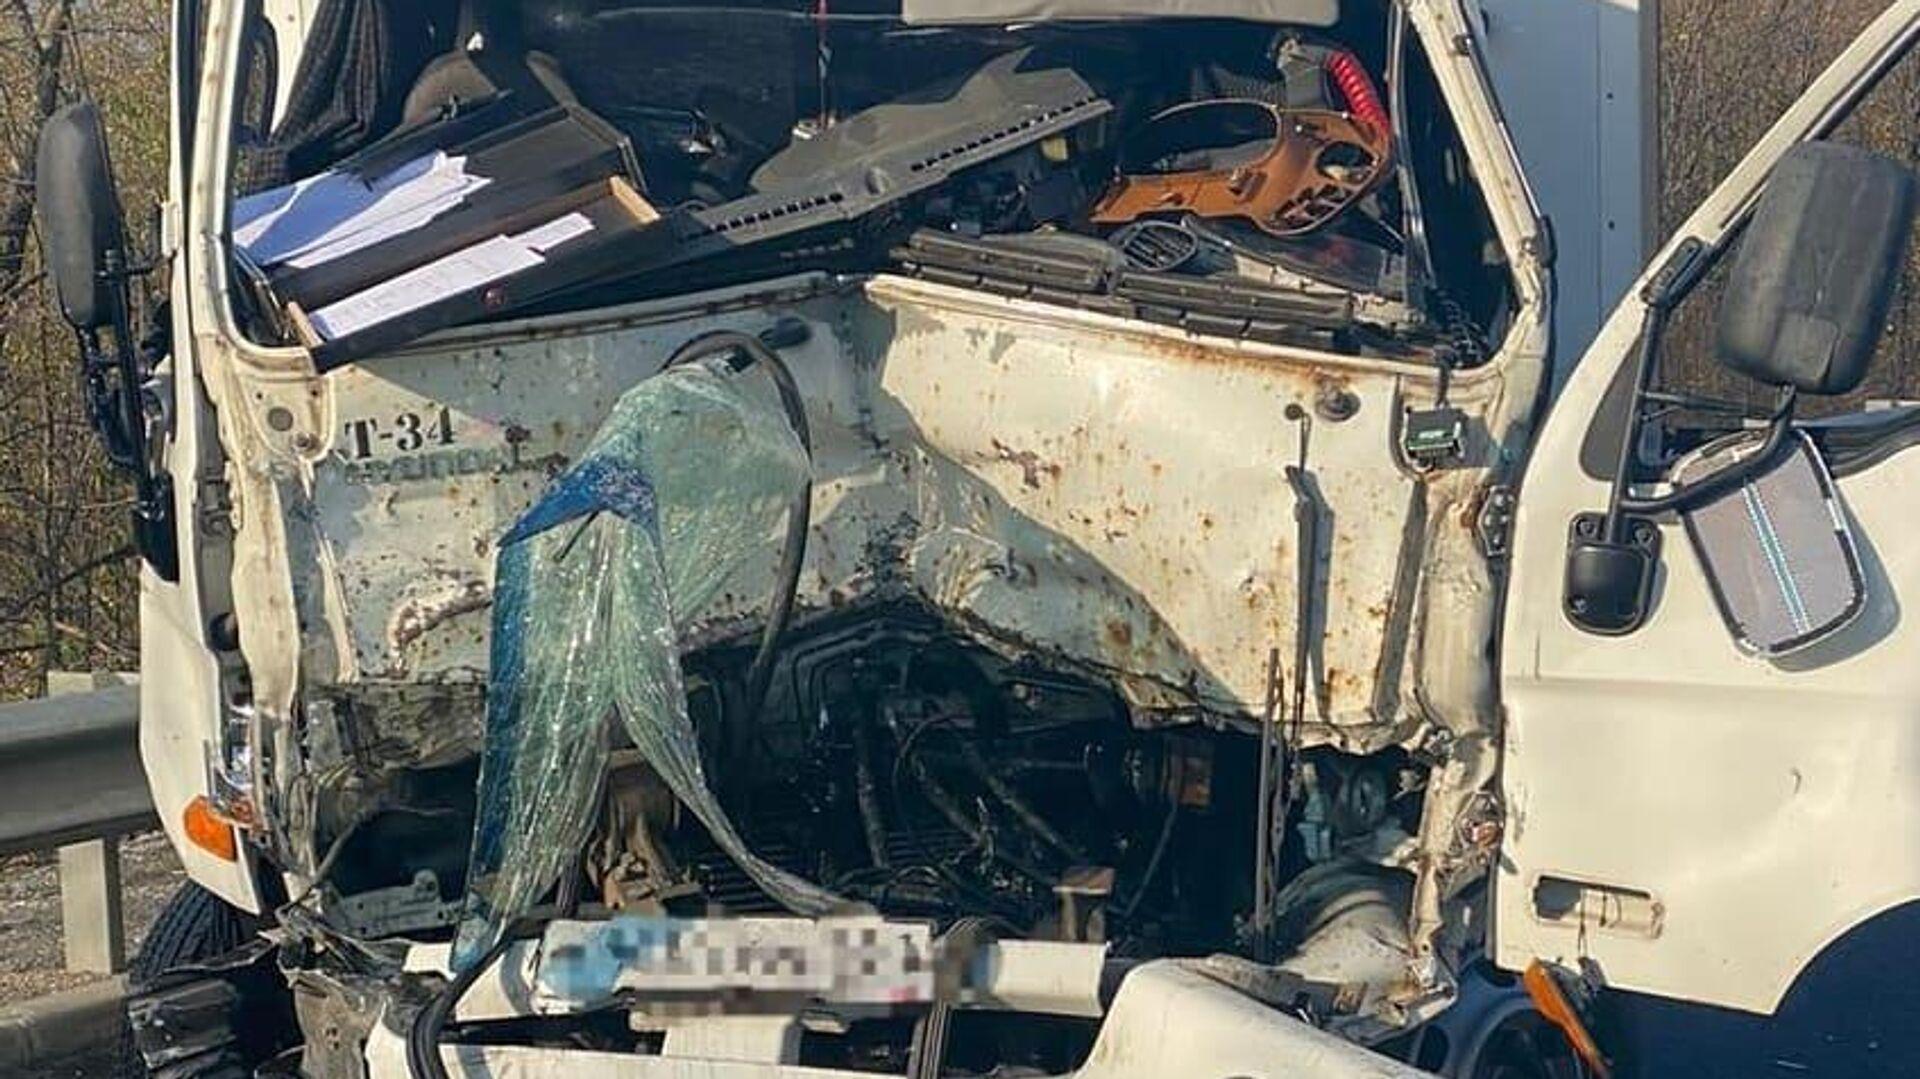 Грузовик Hyundai столкнулся с патрульной машиной ДПС в Минераловодском городском округ - РИА Новости, 1920, 02.05.2021